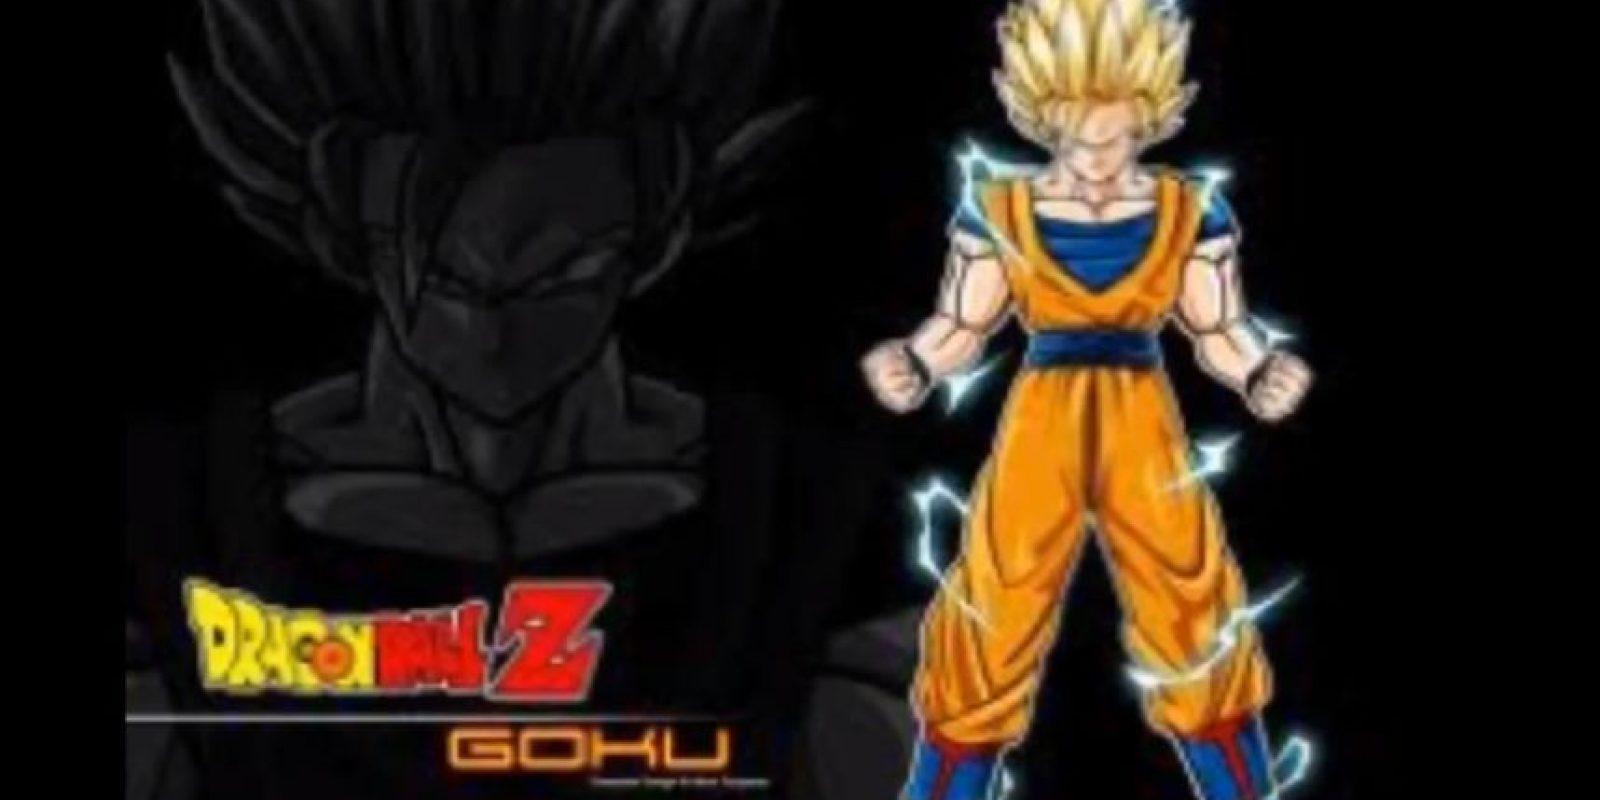 El Supersaiyajin fase 2 contaba con más poder y el cabello y aura más grandes Foto:Youtube: Kakaroto Saiyan